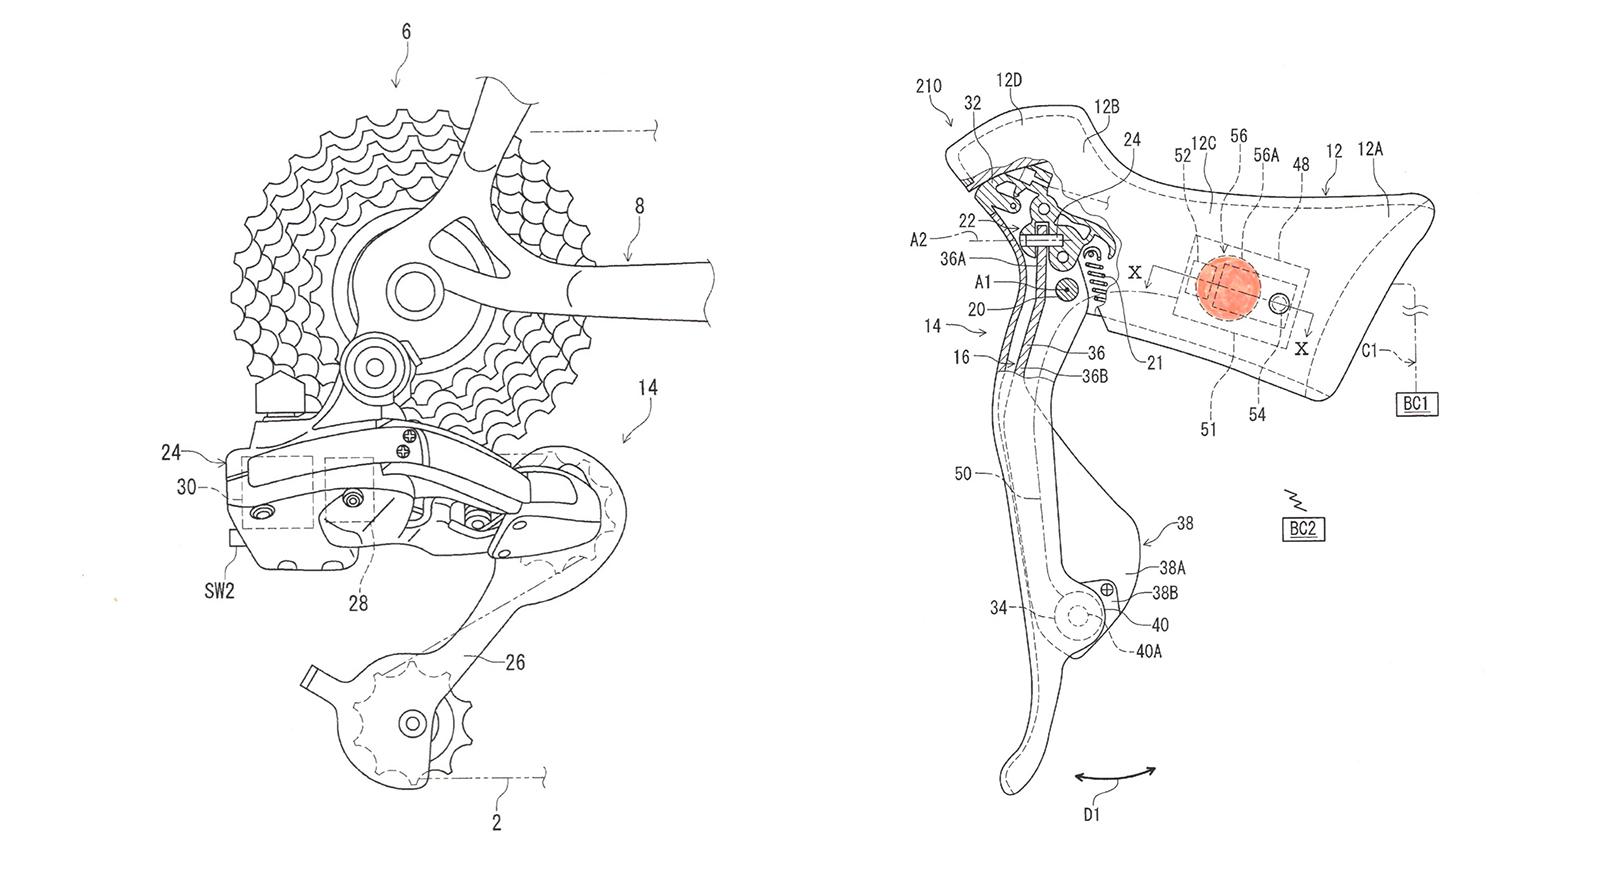 Patenten suggereren dat de volgende generatie Shimano Dura-Ace Di2 draadloos zal gaan